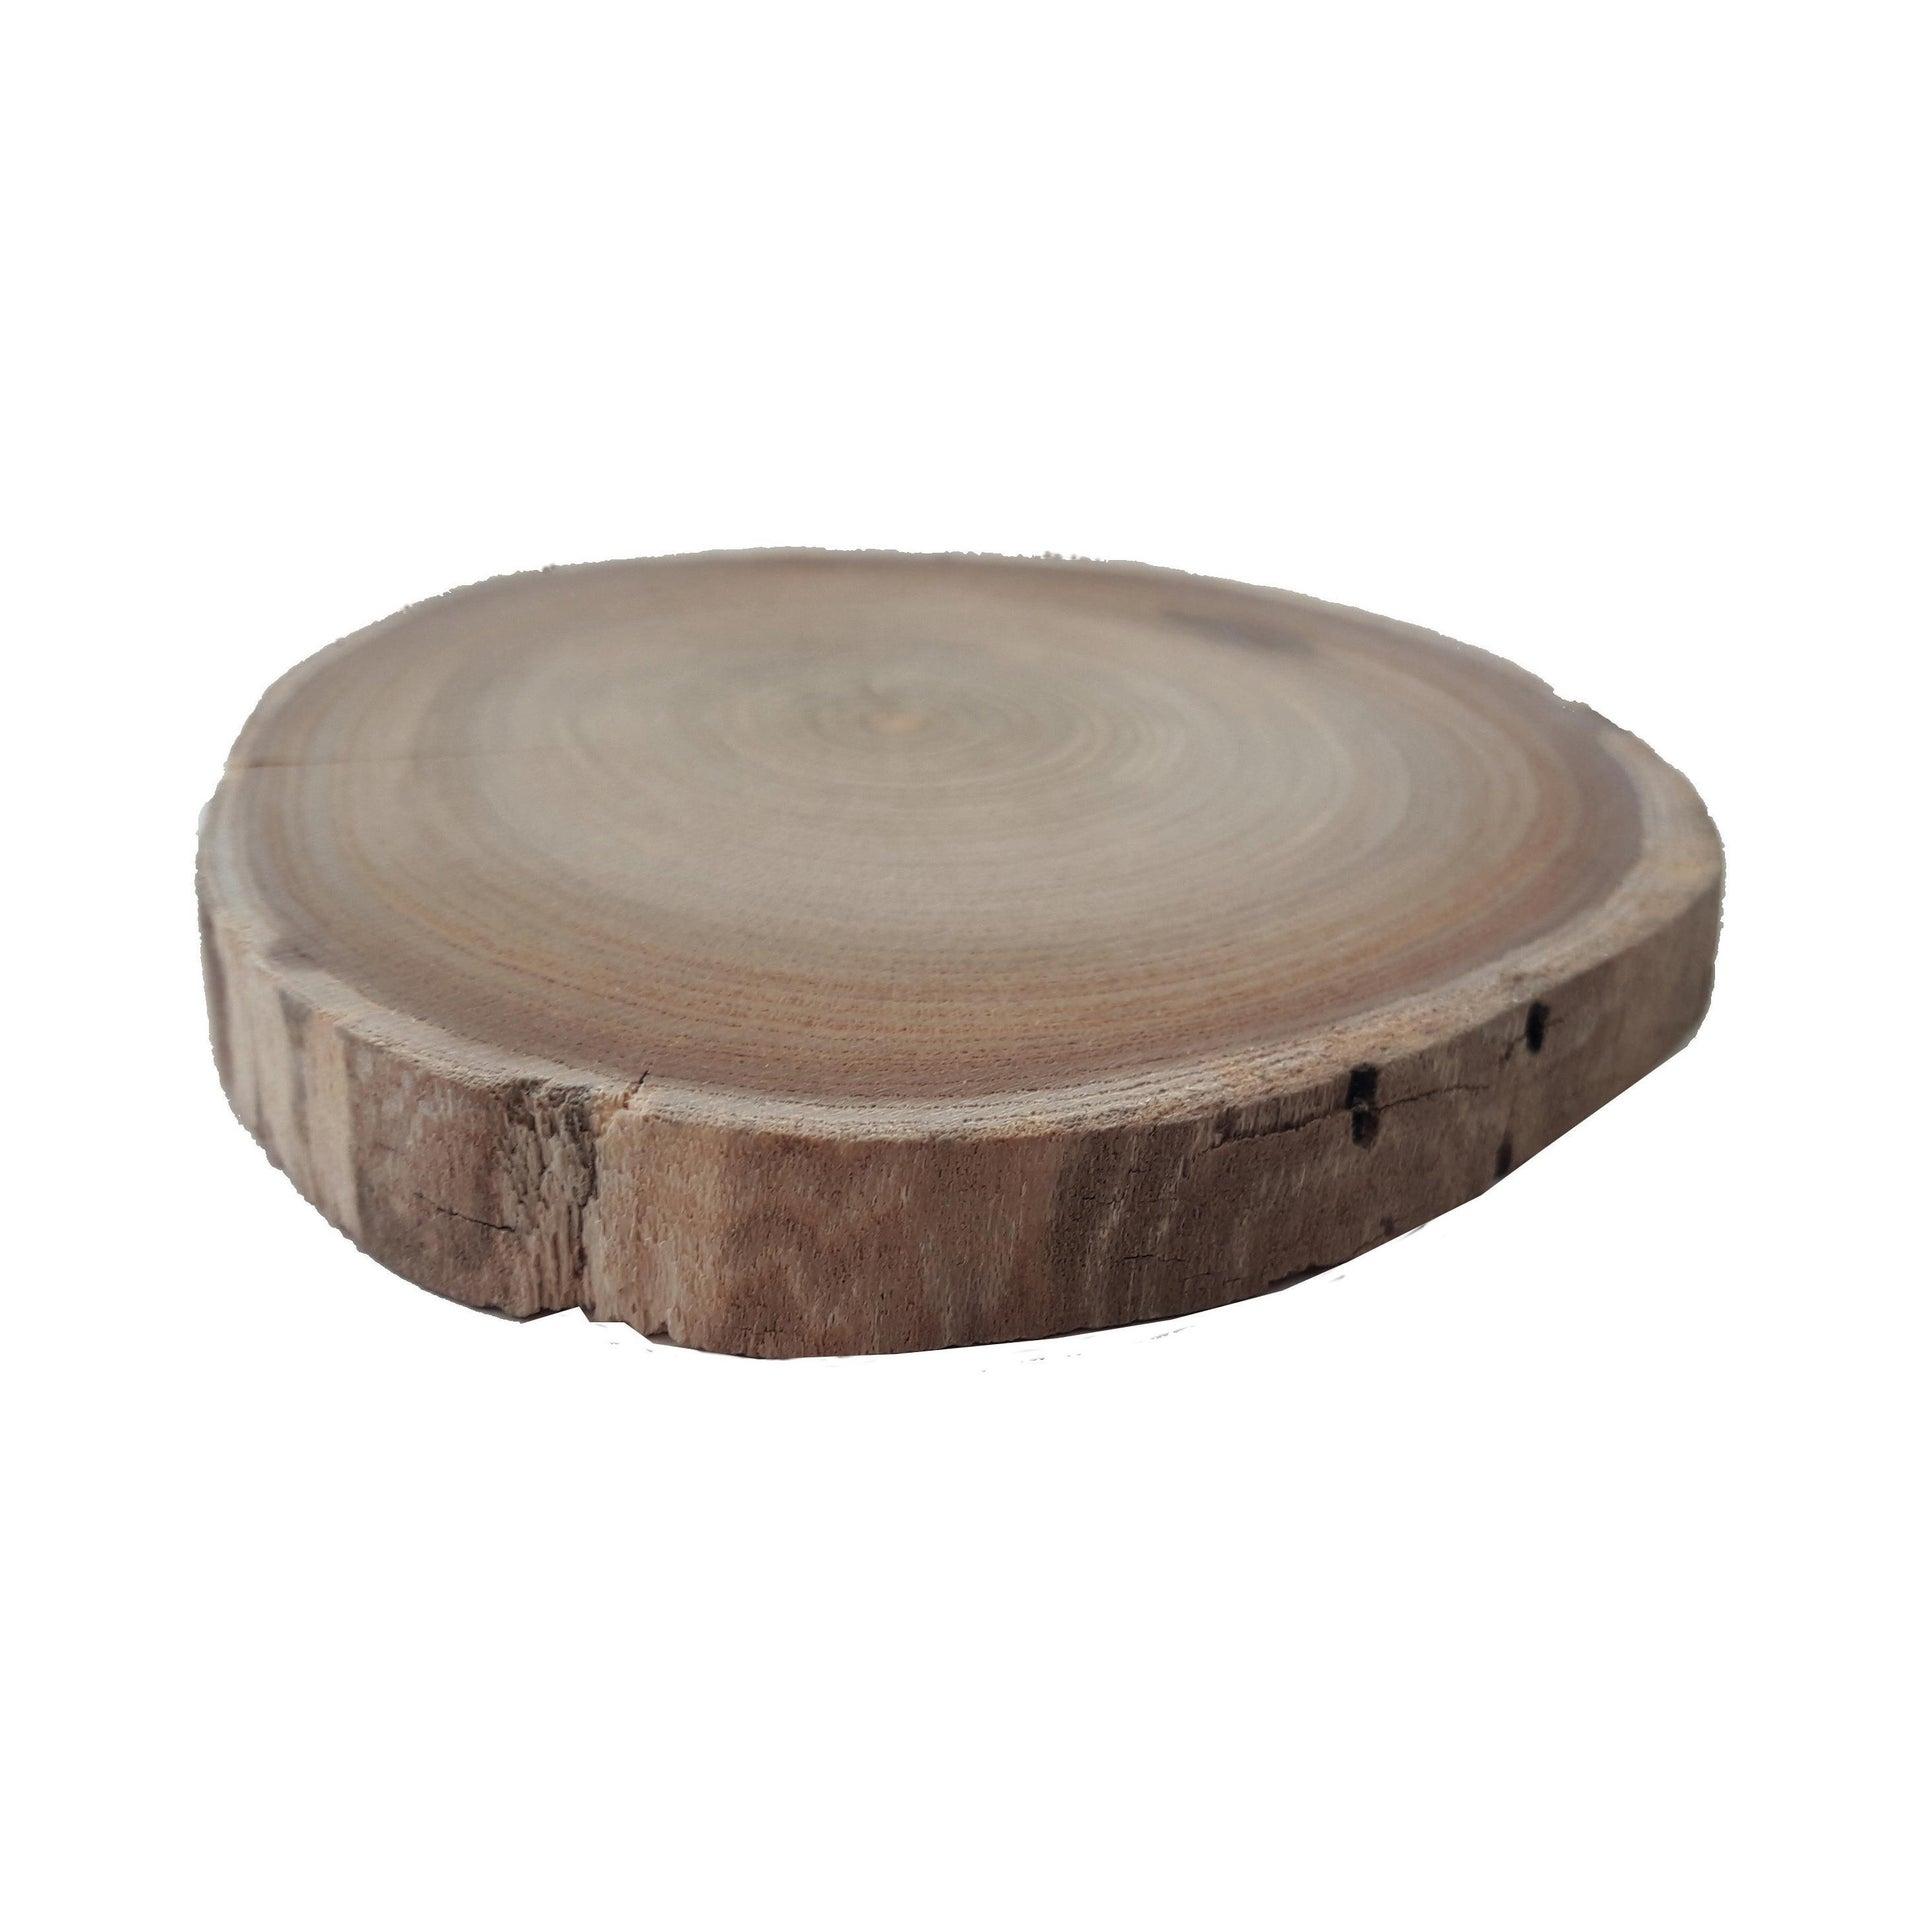 Rondella tondo in castagno grezzo 10 mm Ø 80/120 mm - 2